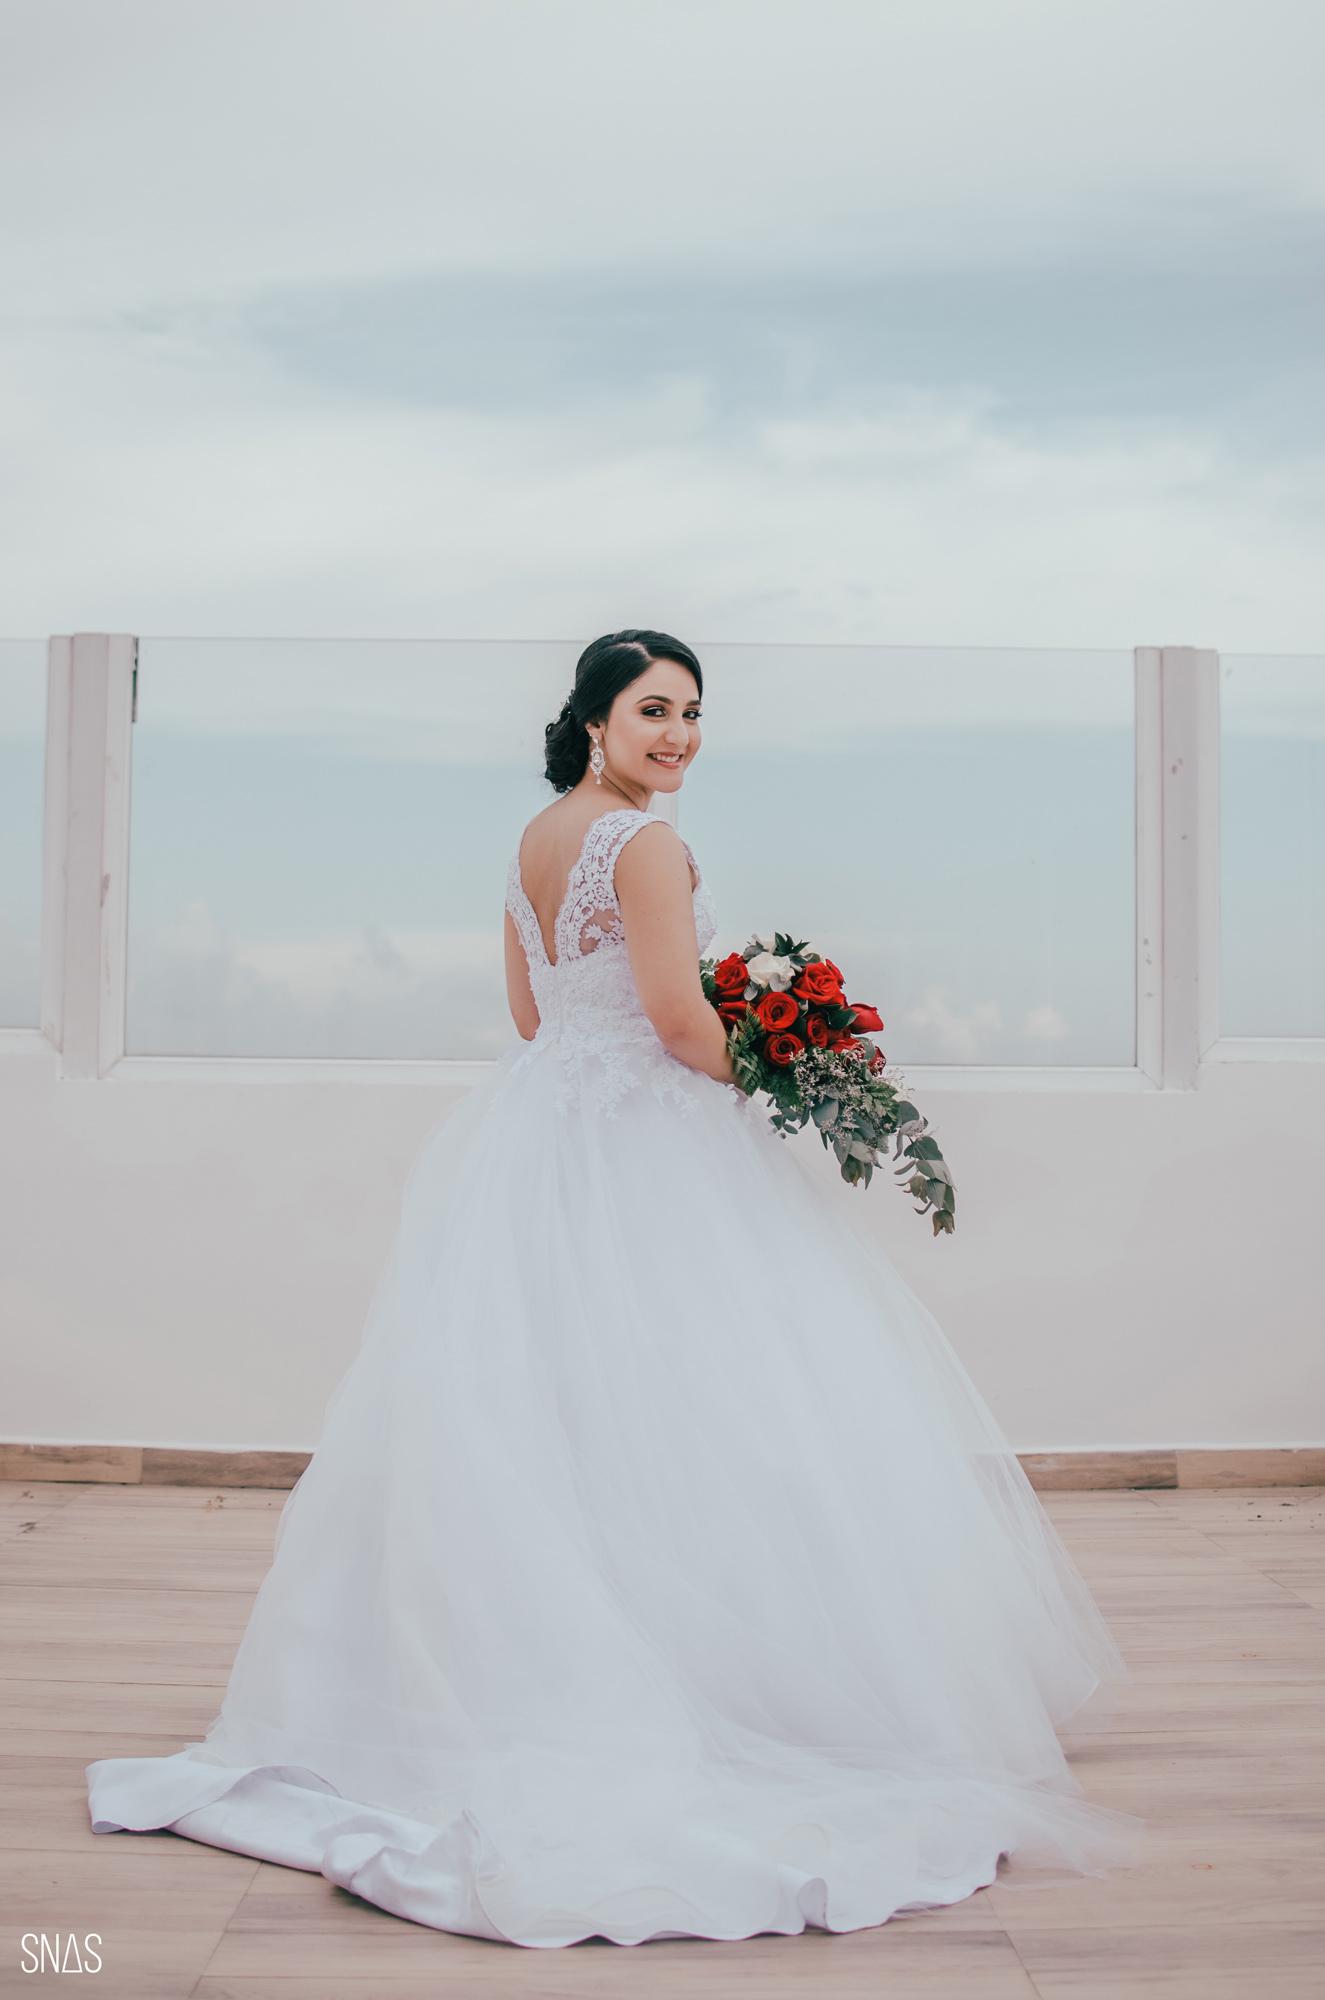 planificar una boda en un mes entaconadas